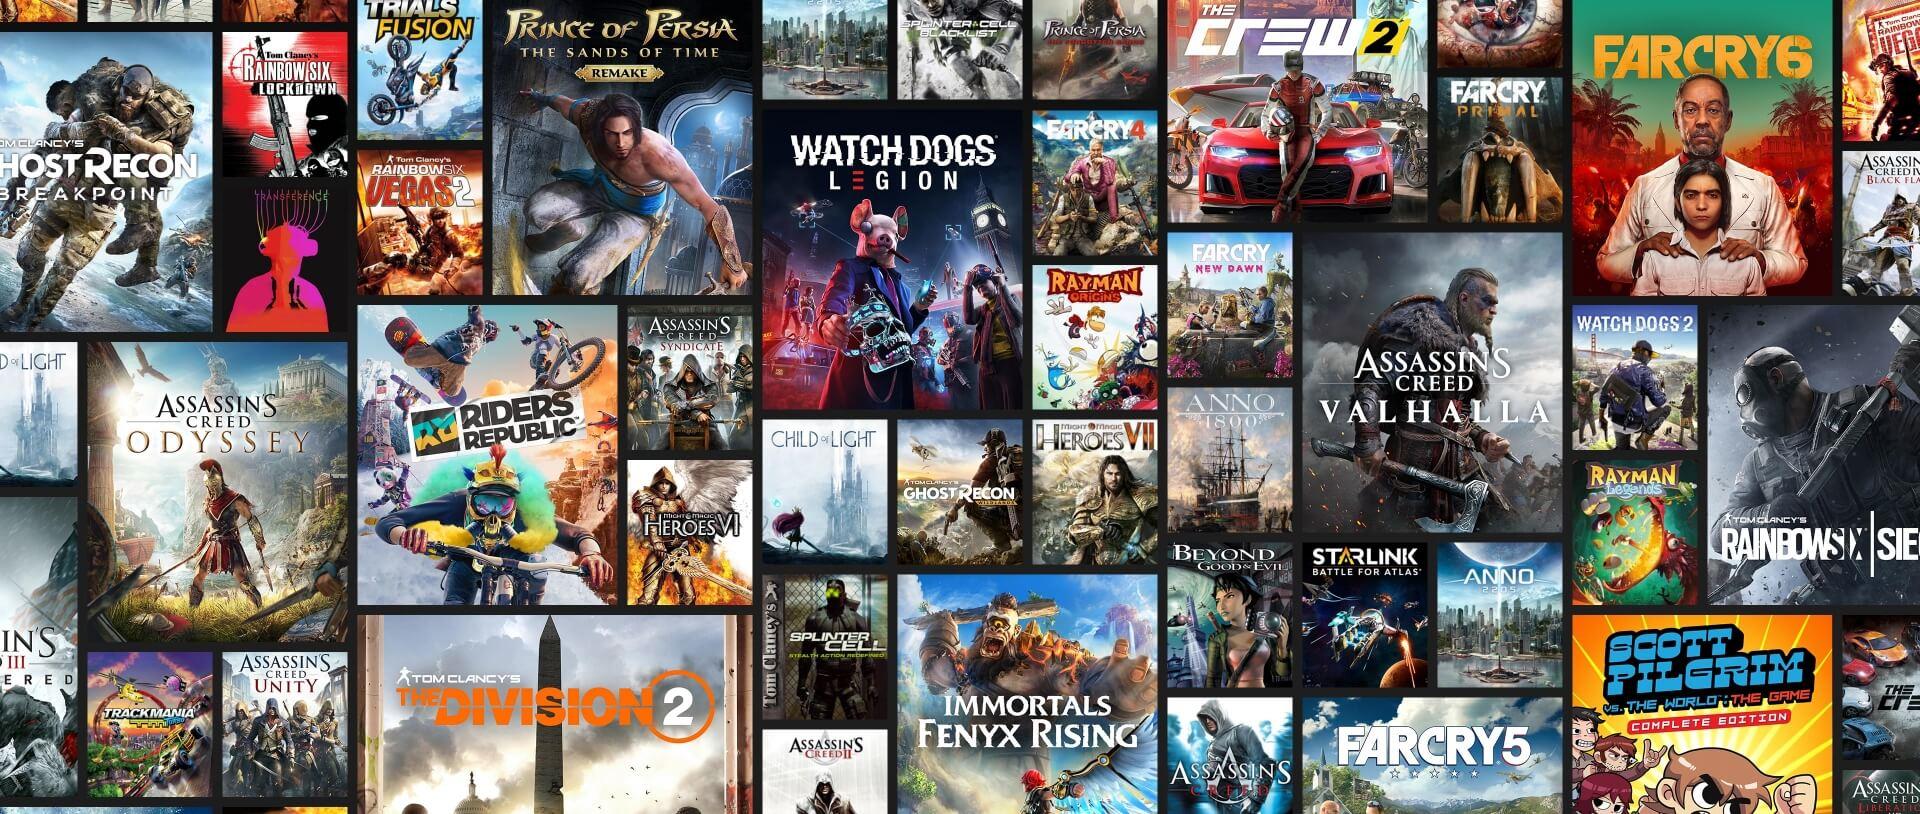 Mosaico che rappresenta le ultime novità Ubisoft e la libreria di più di 100 giochi inclusi nell'abbonamento Ubisoft+